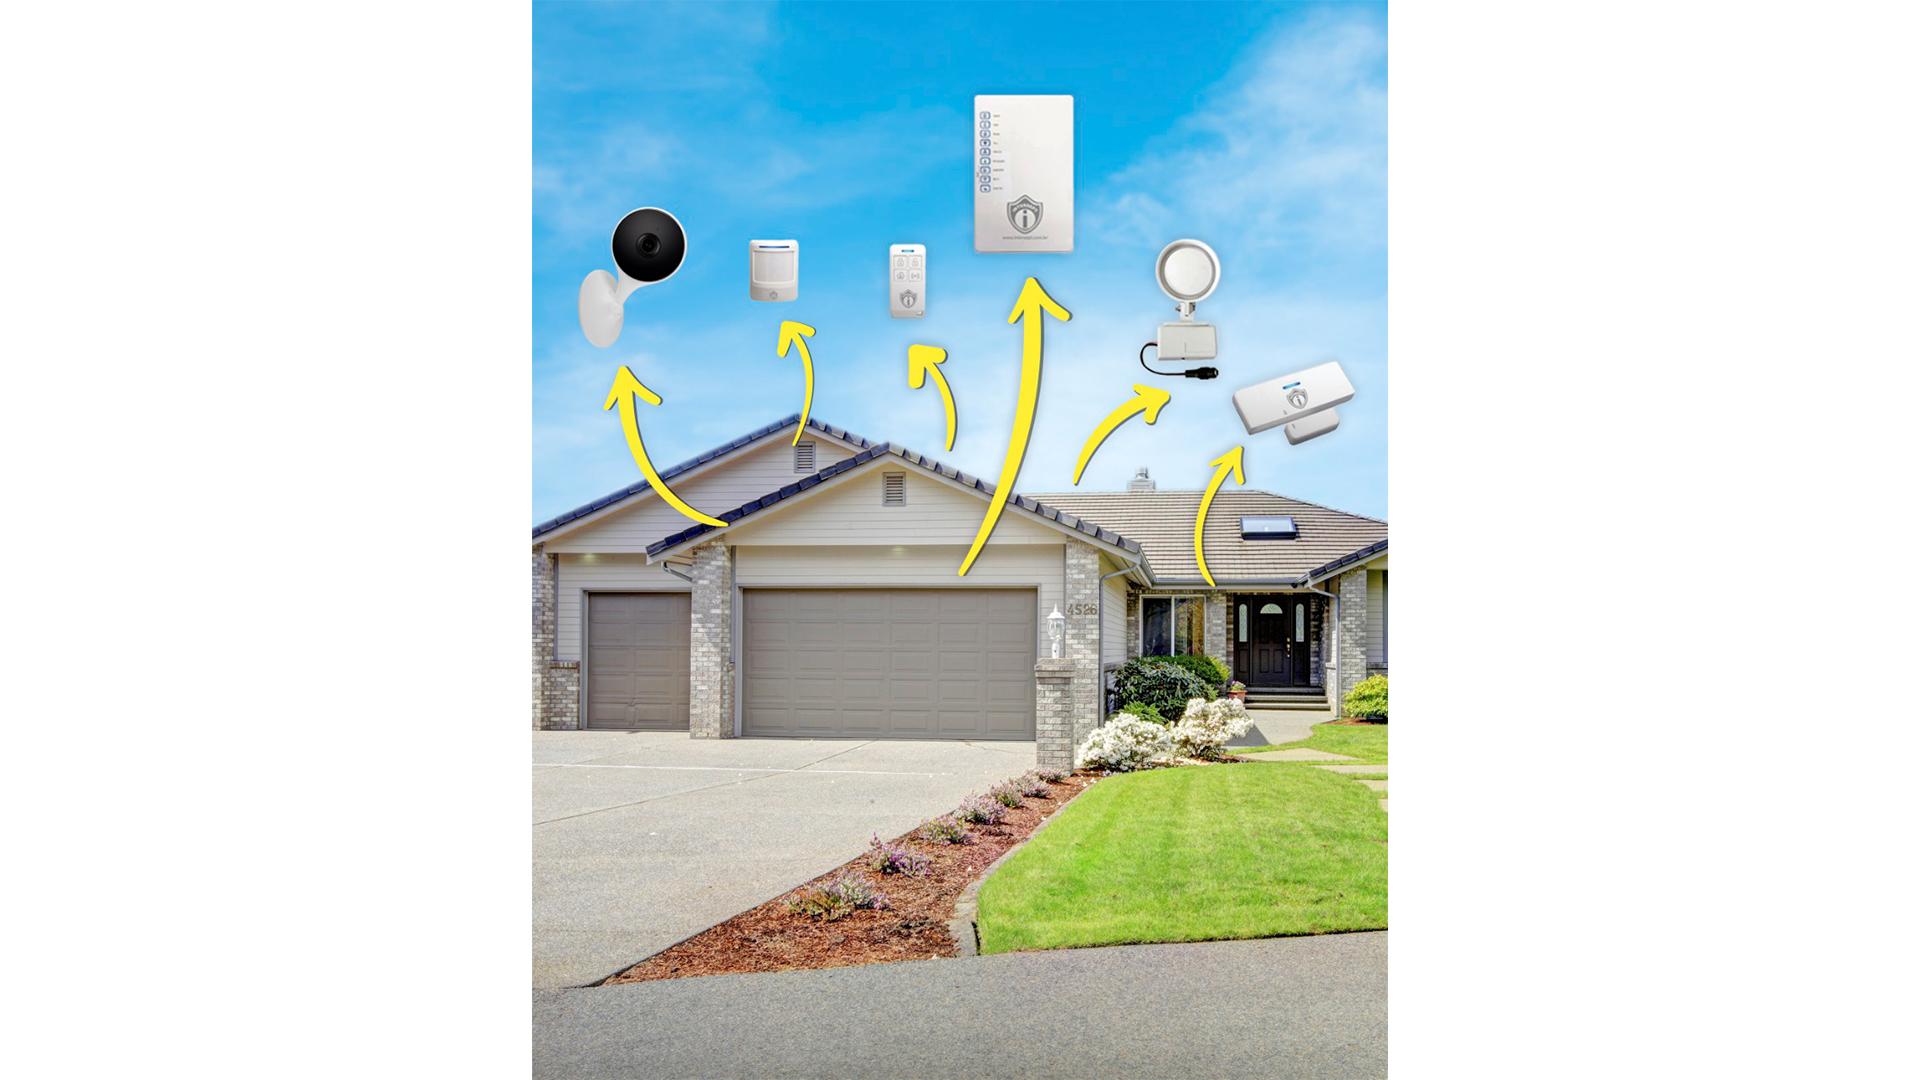 Kit de Monitoramento Smart Alarme da Intersept é inteligente e totalmente sem fio.